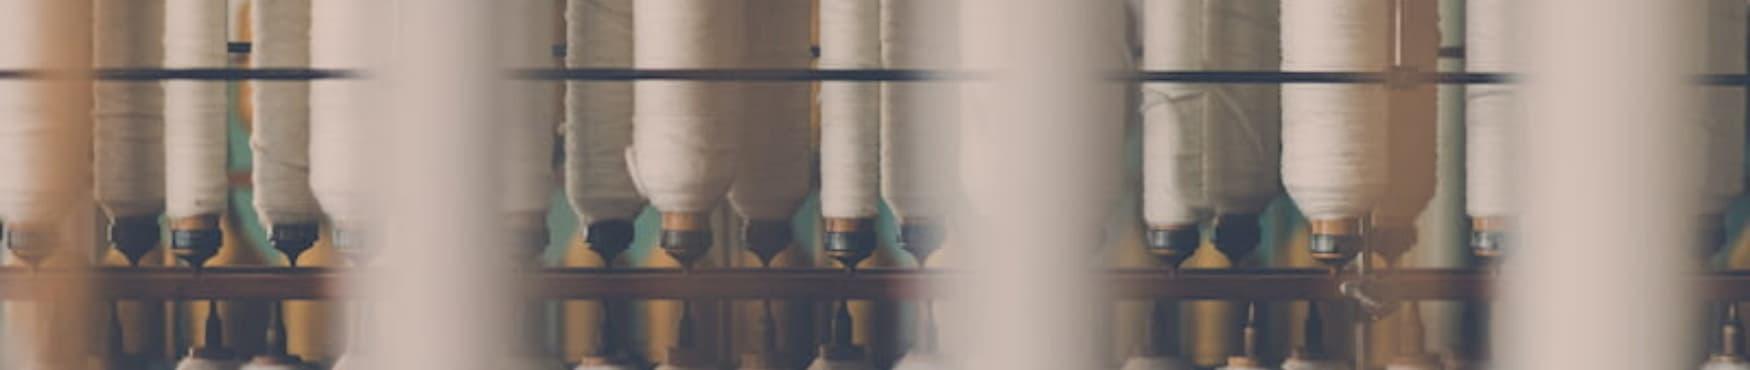 Coton biologique : tout ce qu'il faut savoir